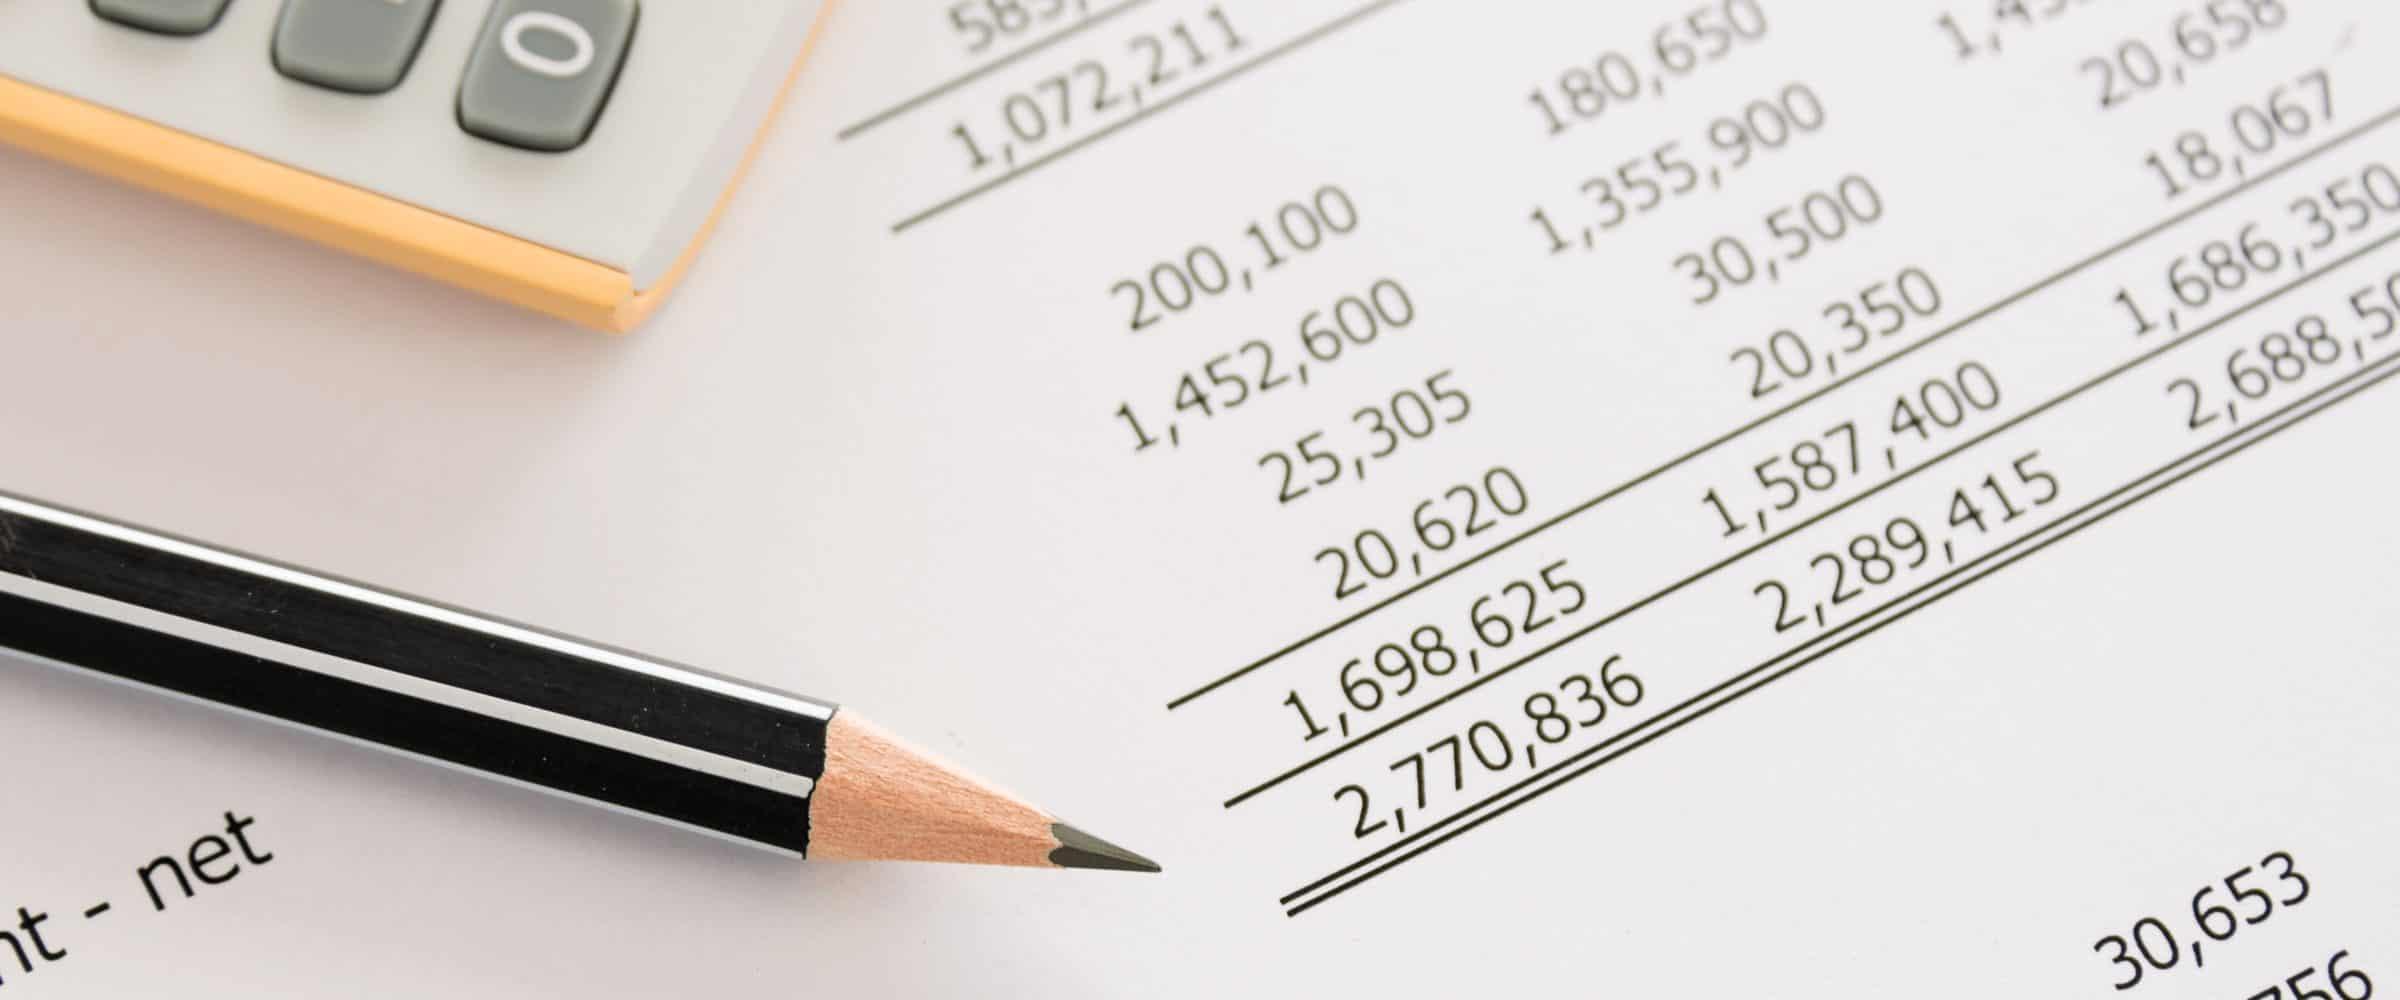 Cara Mudah Membuat Laporan Keuangan UKM Sederhana